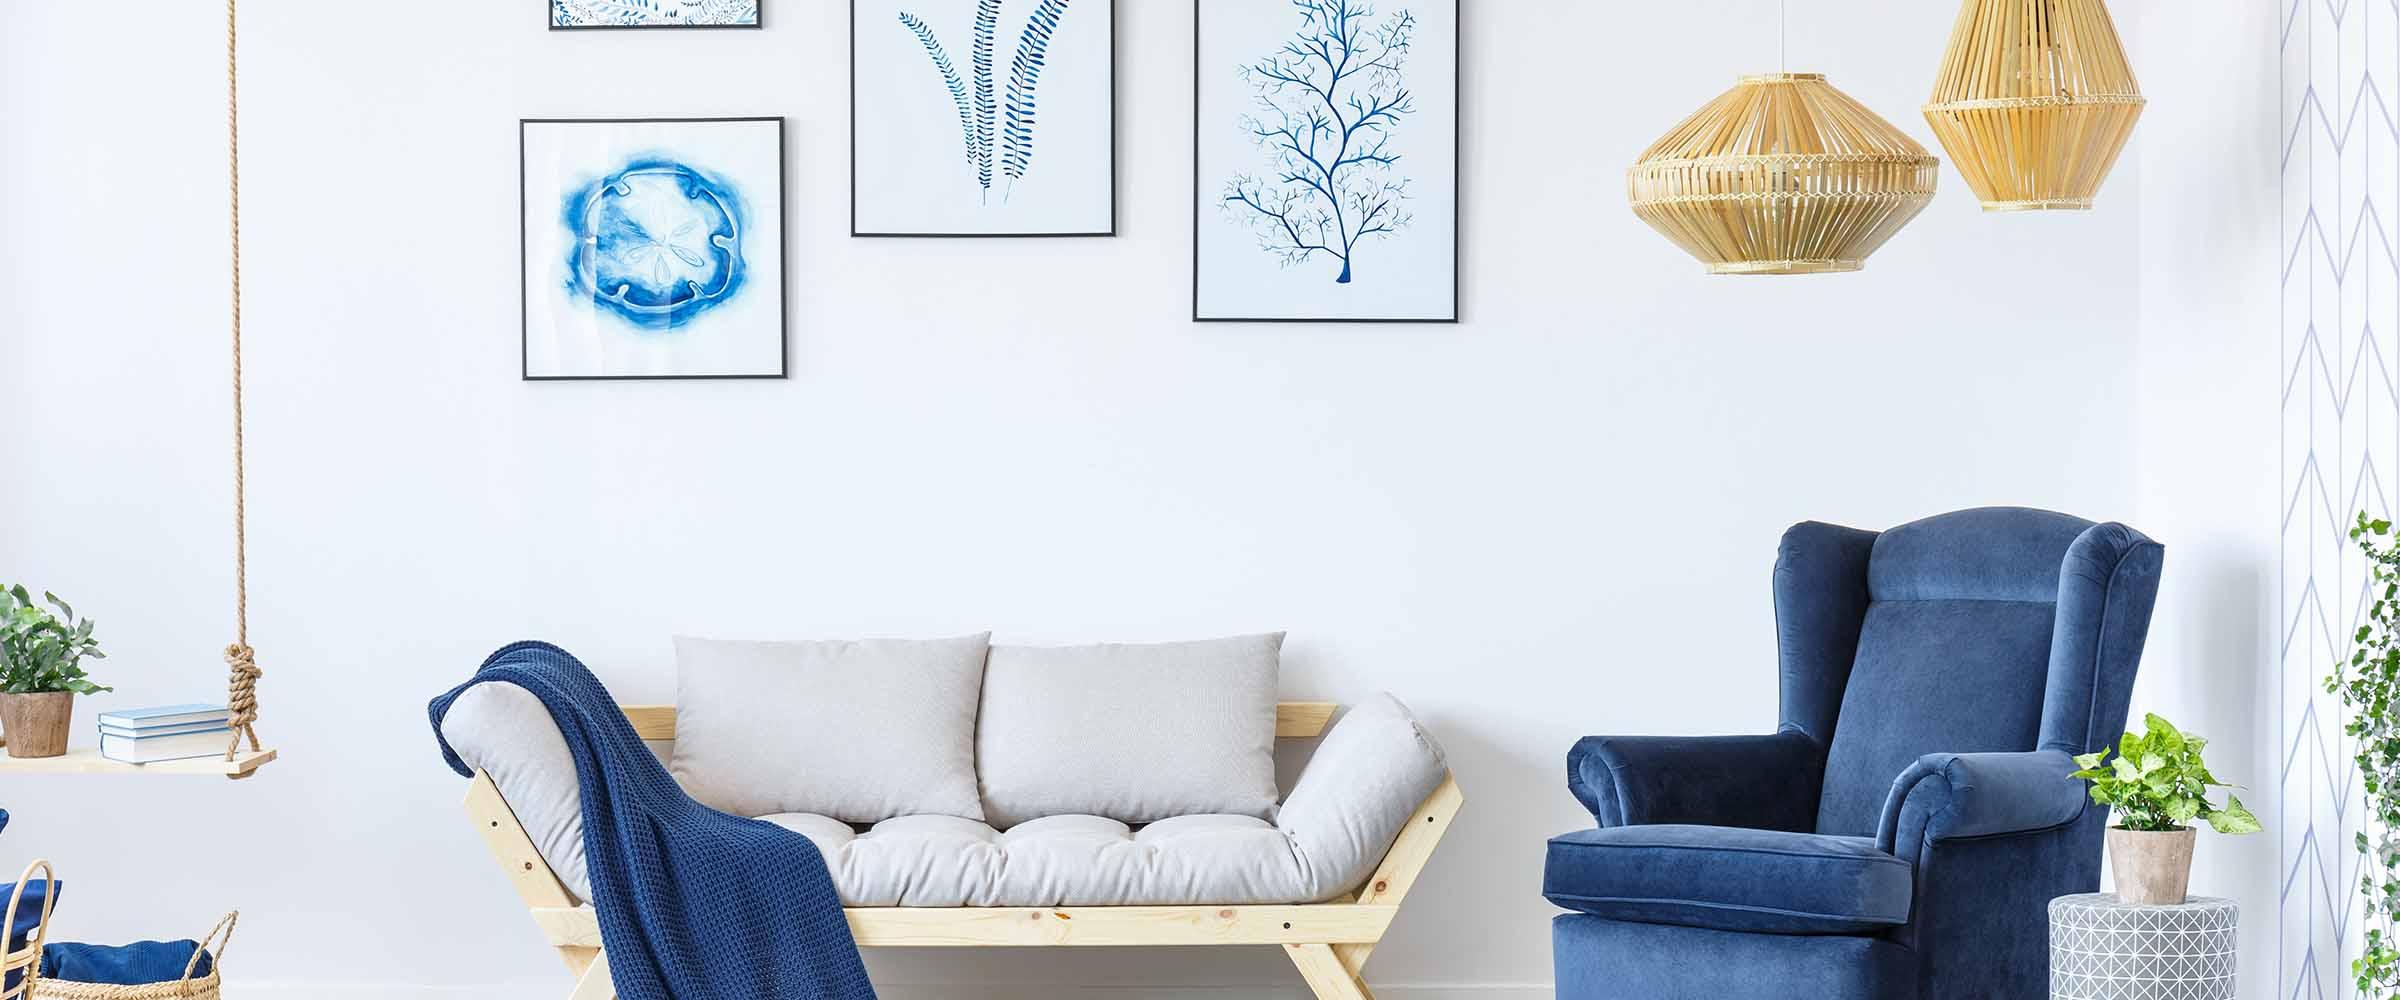 Producten getagd met canvas opspannen